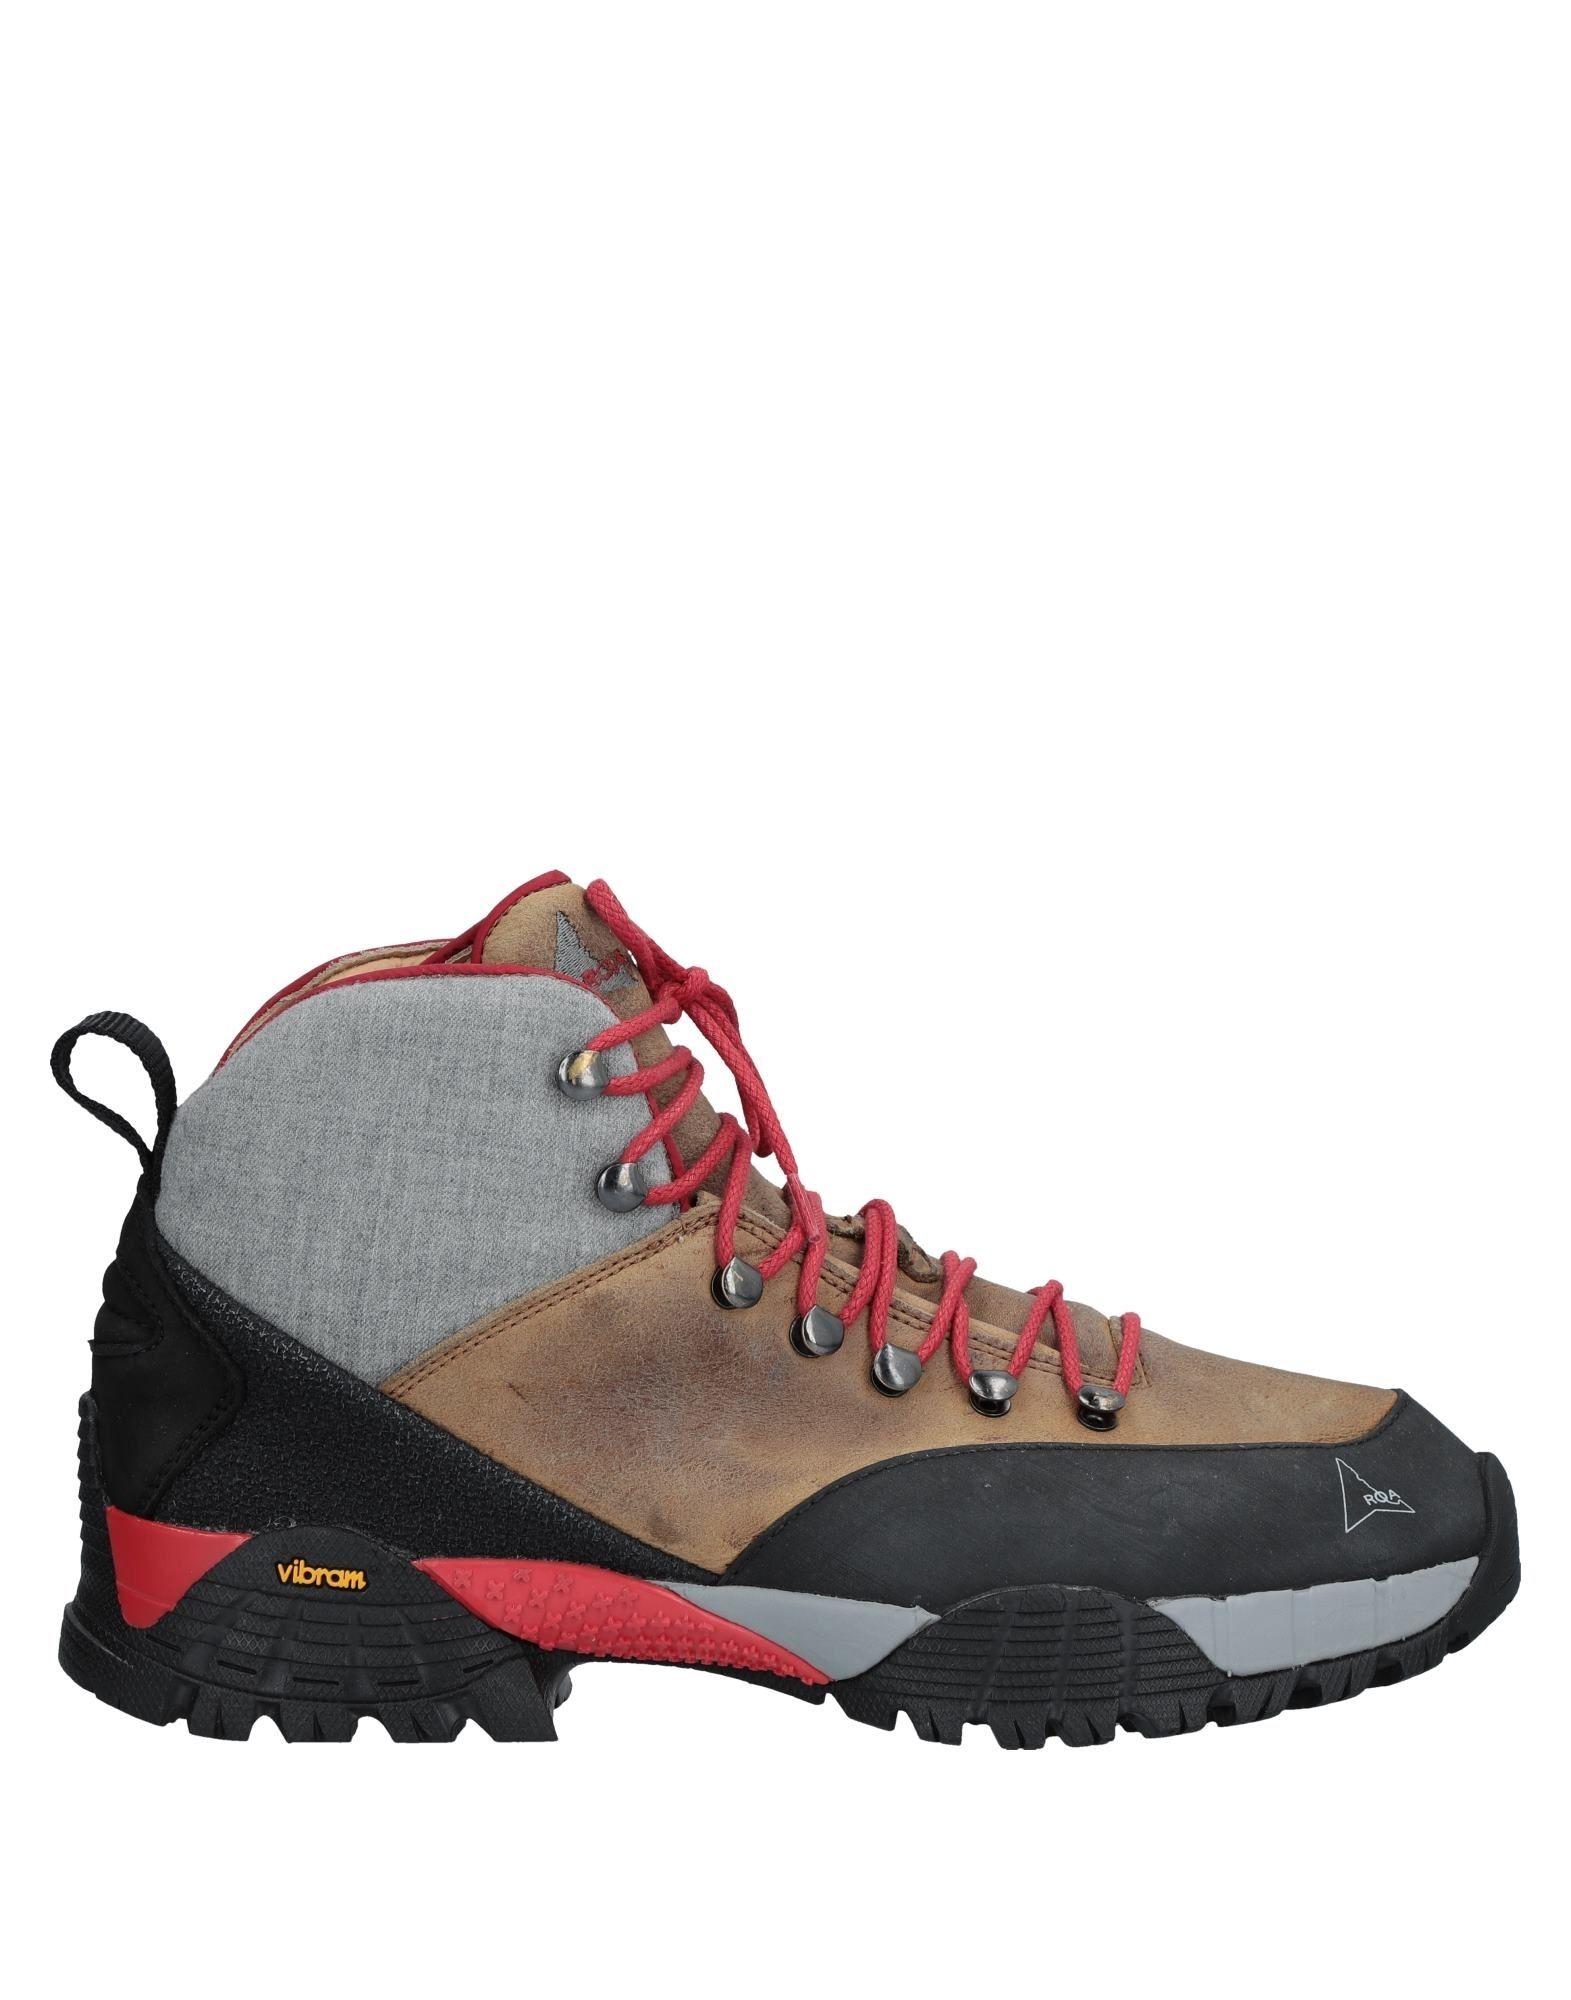 Roa Stiefelette Herren  11519721QN Schuhe Gute Qualität beliebte Schuhe 11519721QN f86071